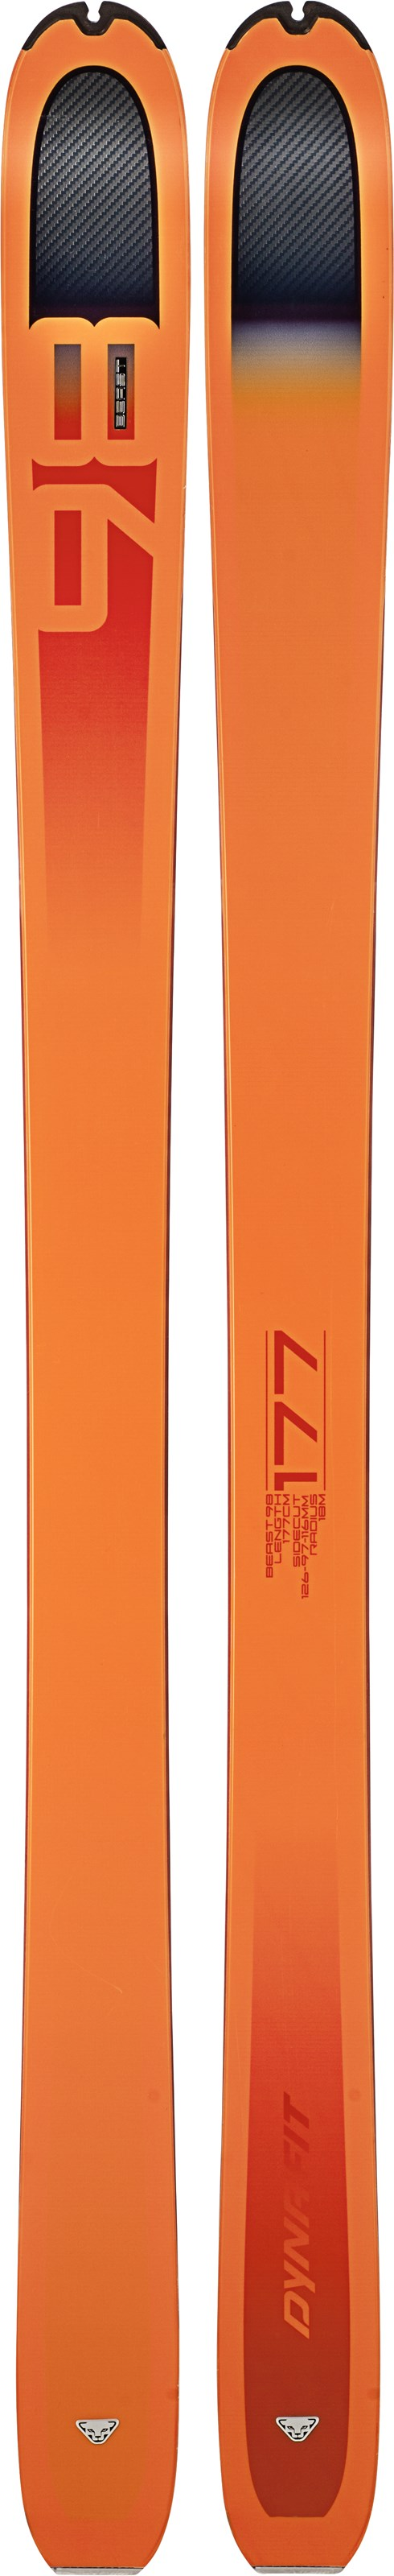 08-0000048465_1952_Beast 98 Ski.jpg